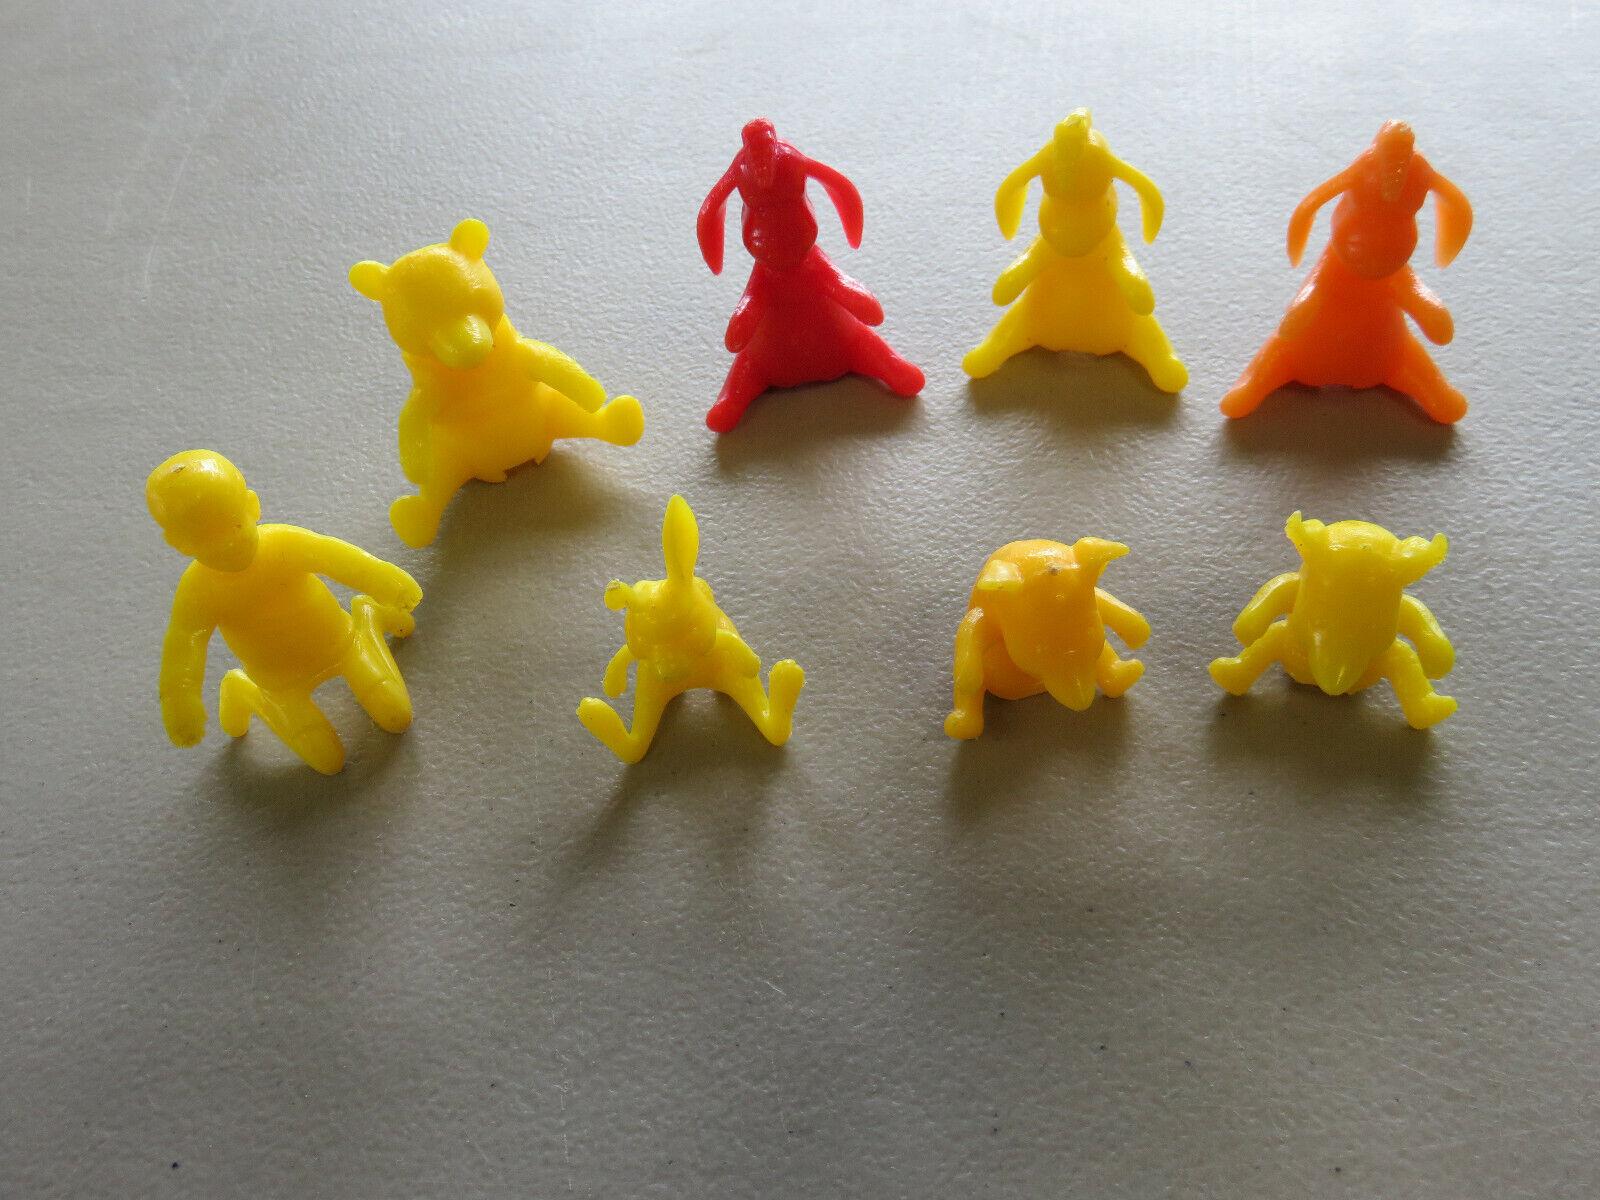 Winnie Pooh, 8 niñeras de de de cuchara, una panadería de cereal, fennabisk. 385